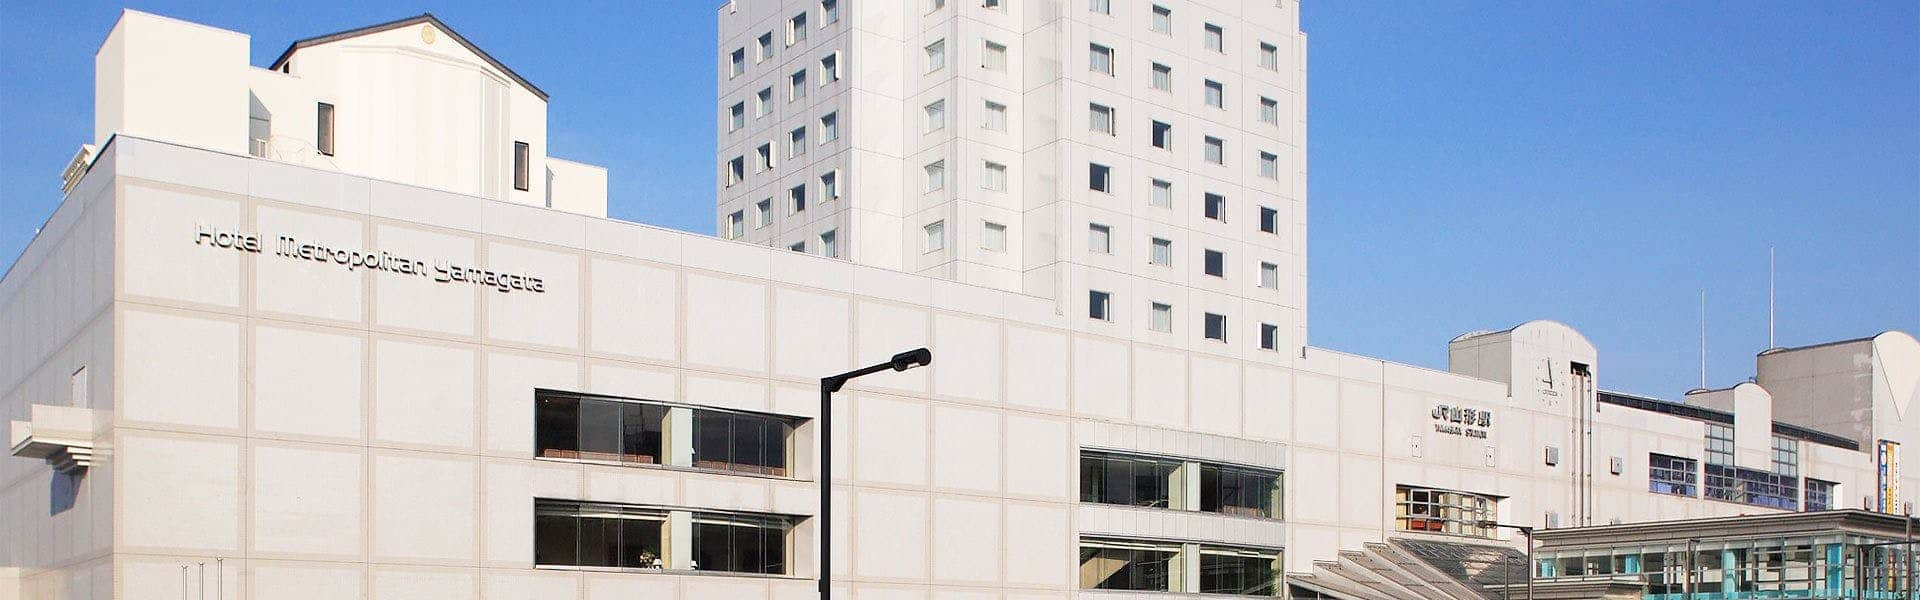 โรมแรม Metropolitan Hotel Yamagata อยู่ติดกับสถานียามากาตะ